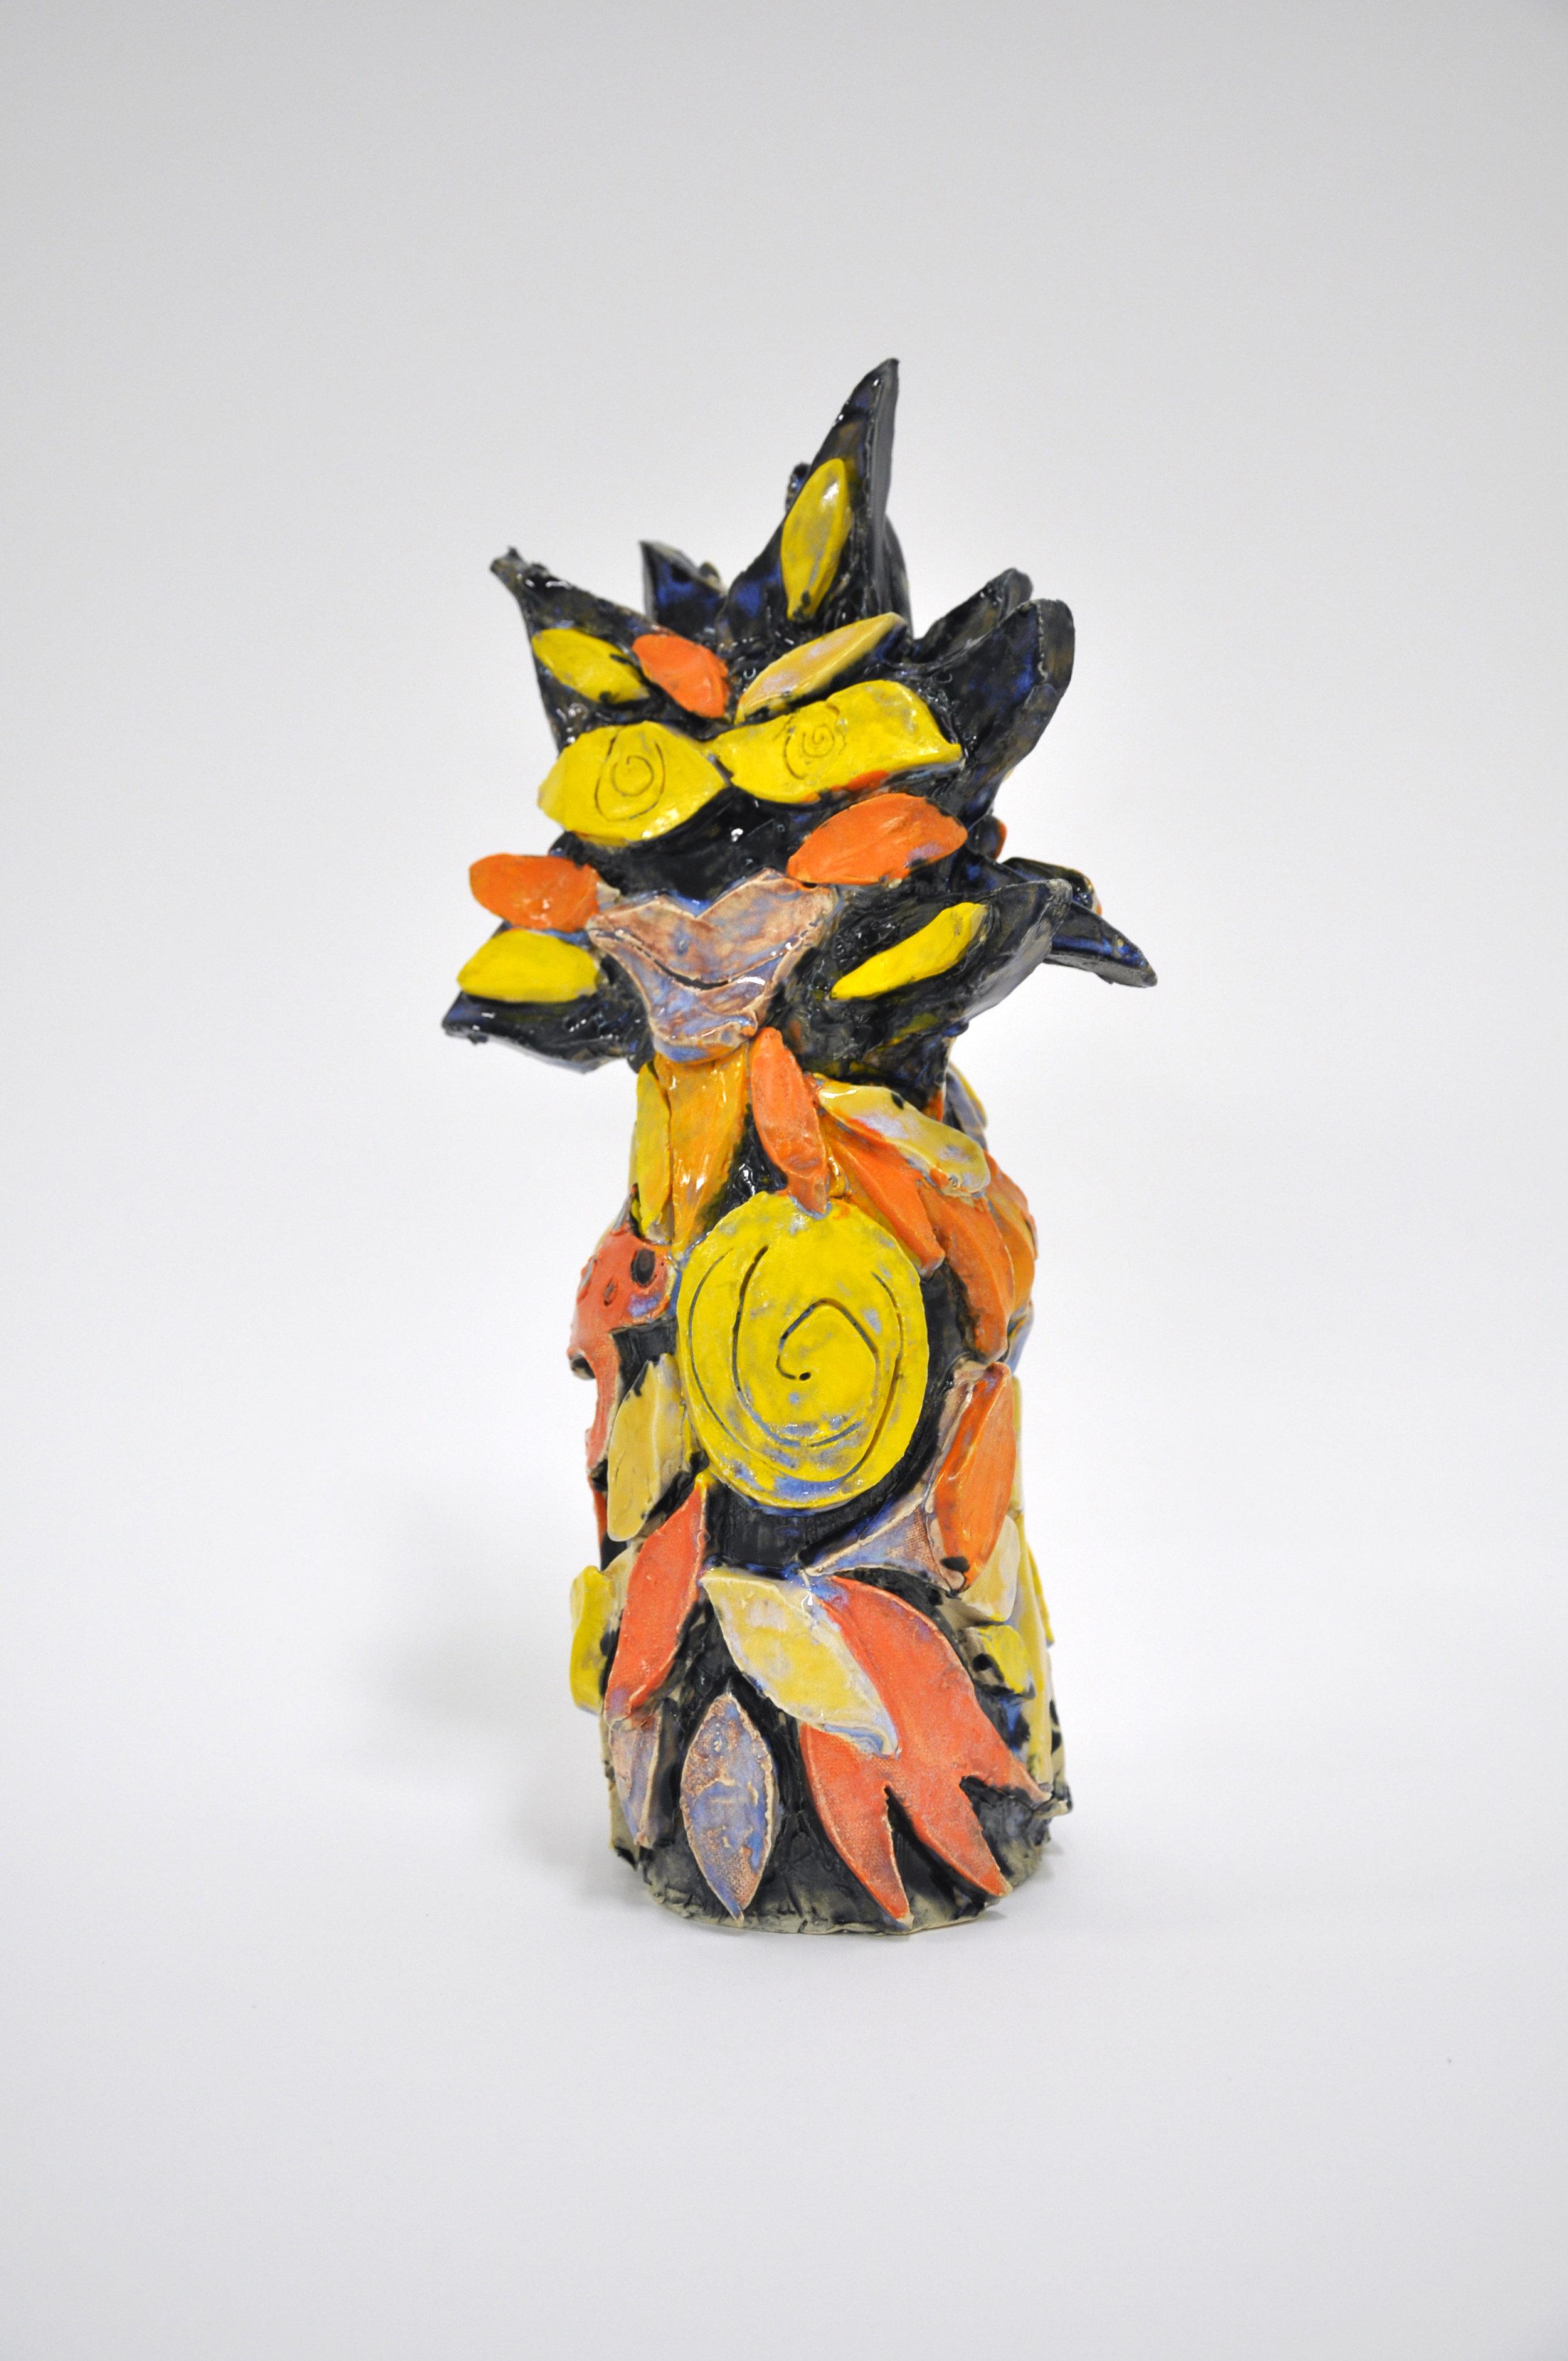 Copy of Jamie Felton, Thinleaf Sunflower, 13 x 4 x 4in, Glazed ceramic, 2019